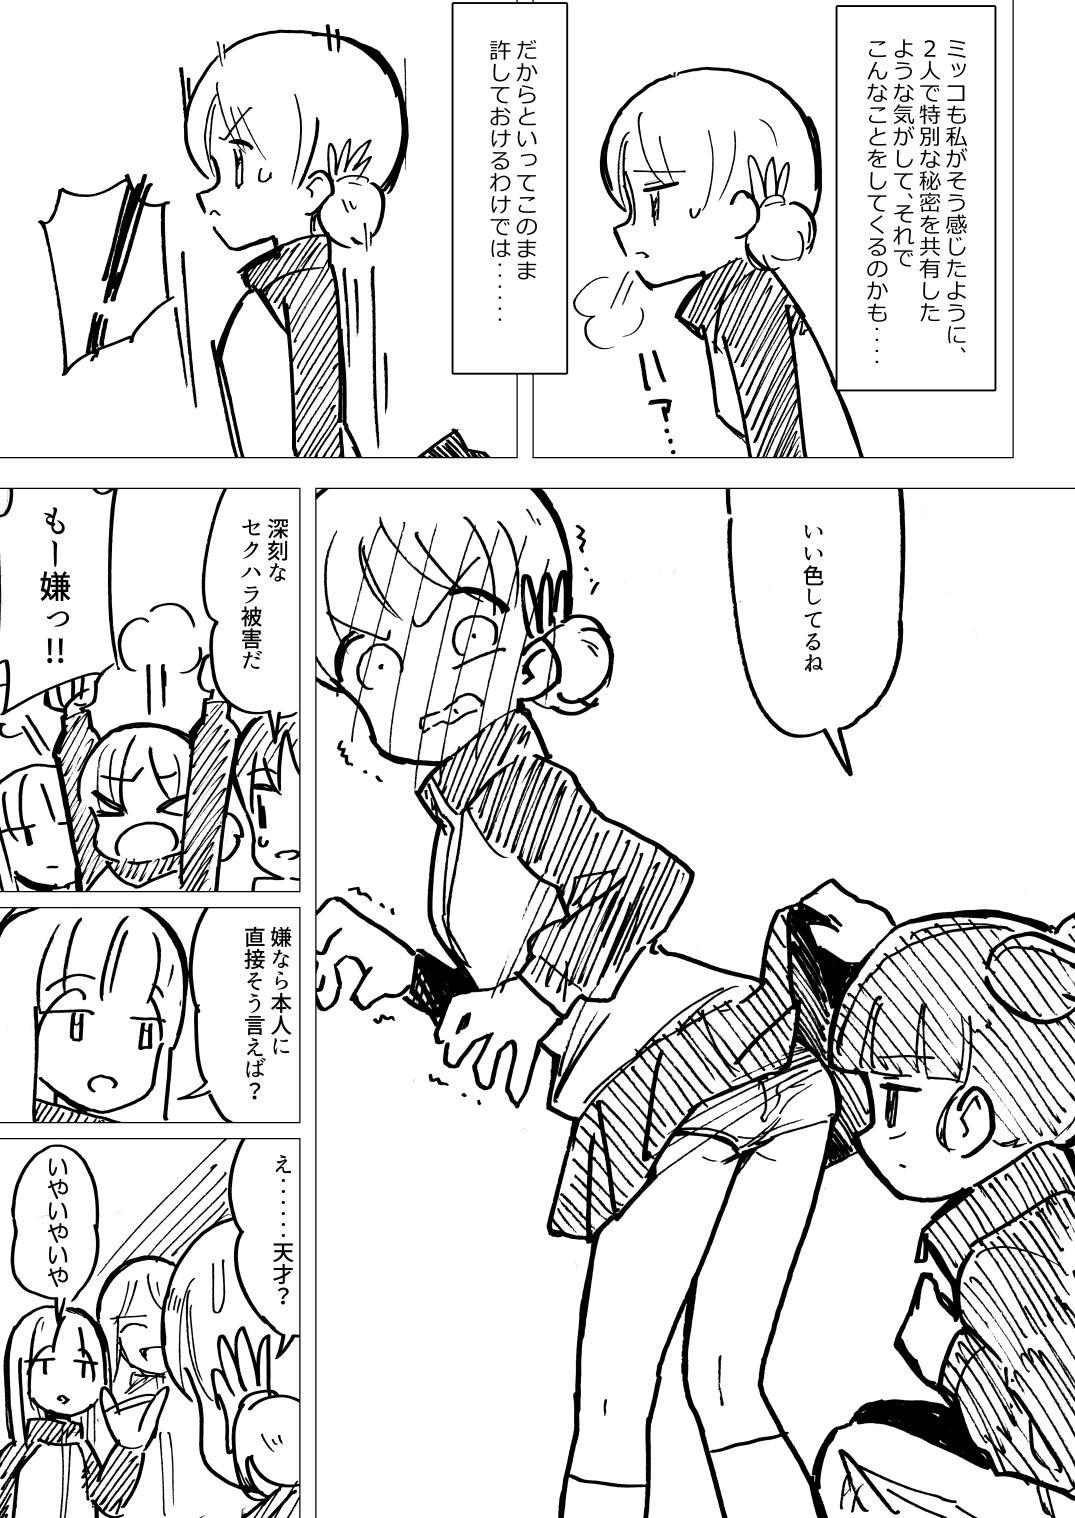 Nee Aki Kocchi Muite + 1 7